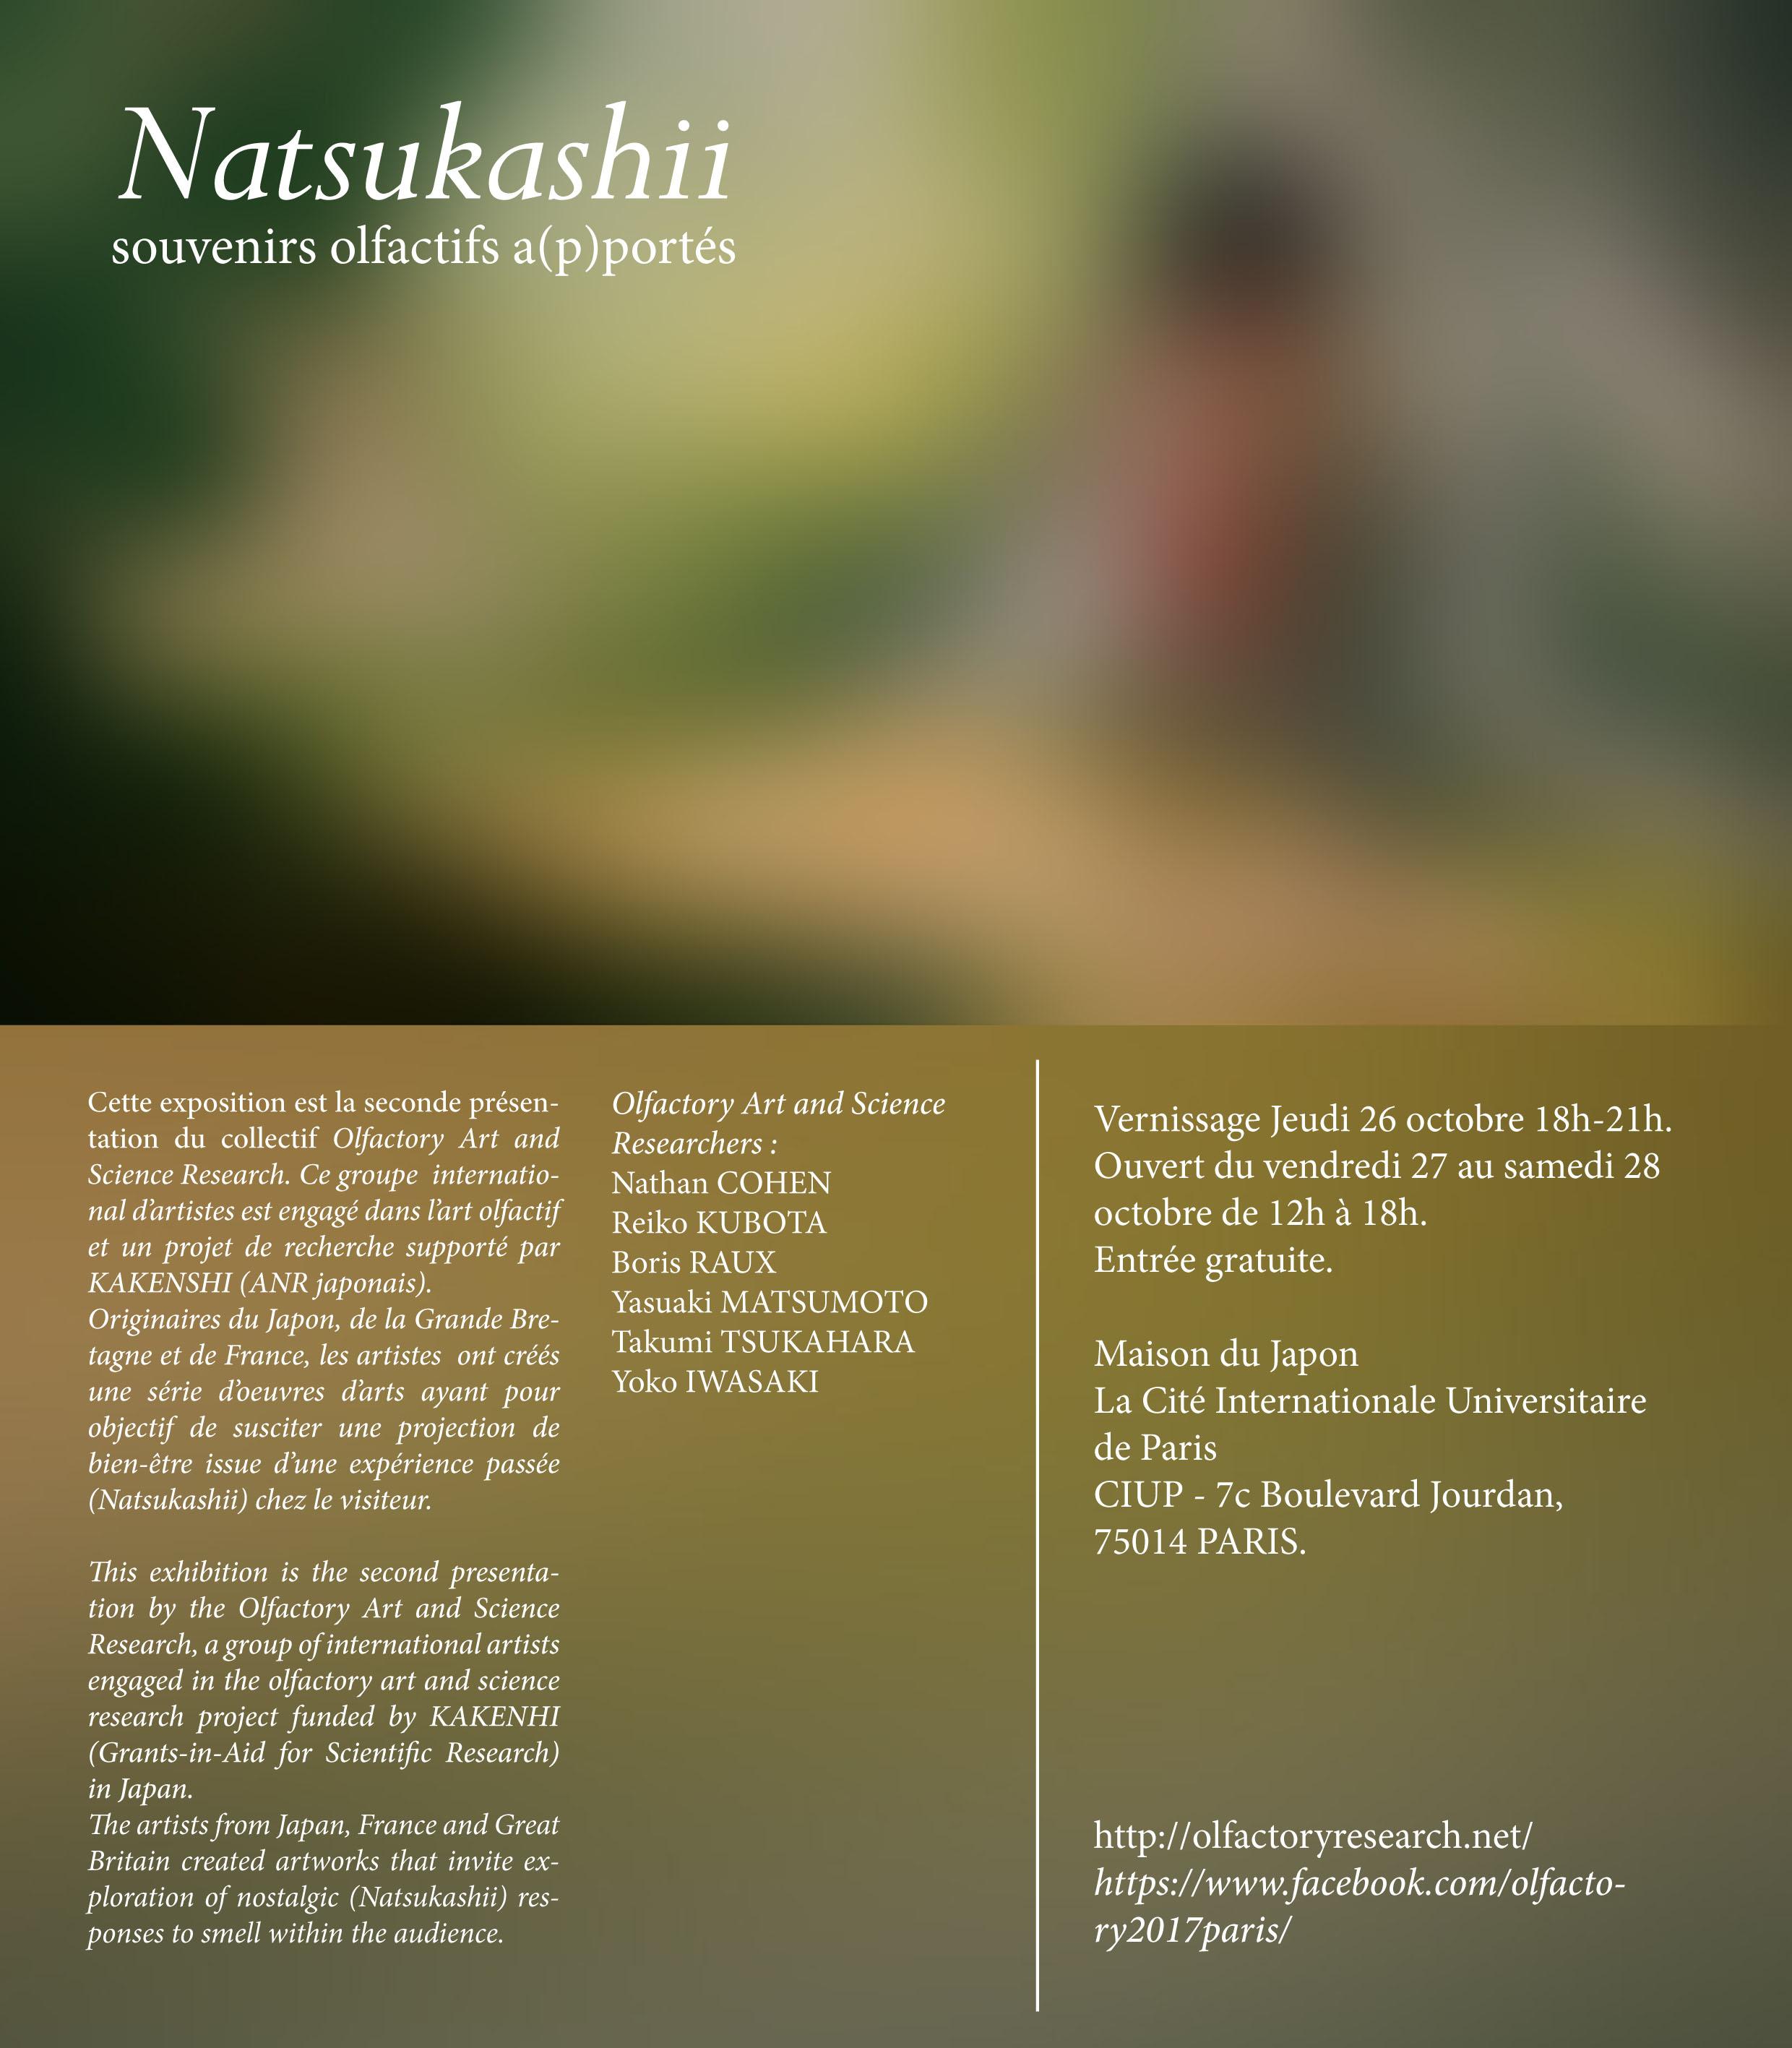 2017 'Natsukashii – souvenirs olfactifs a(p)portés'   Maison du Japon, La Cité Internationale Unisersitaire de Paris, FRANCE